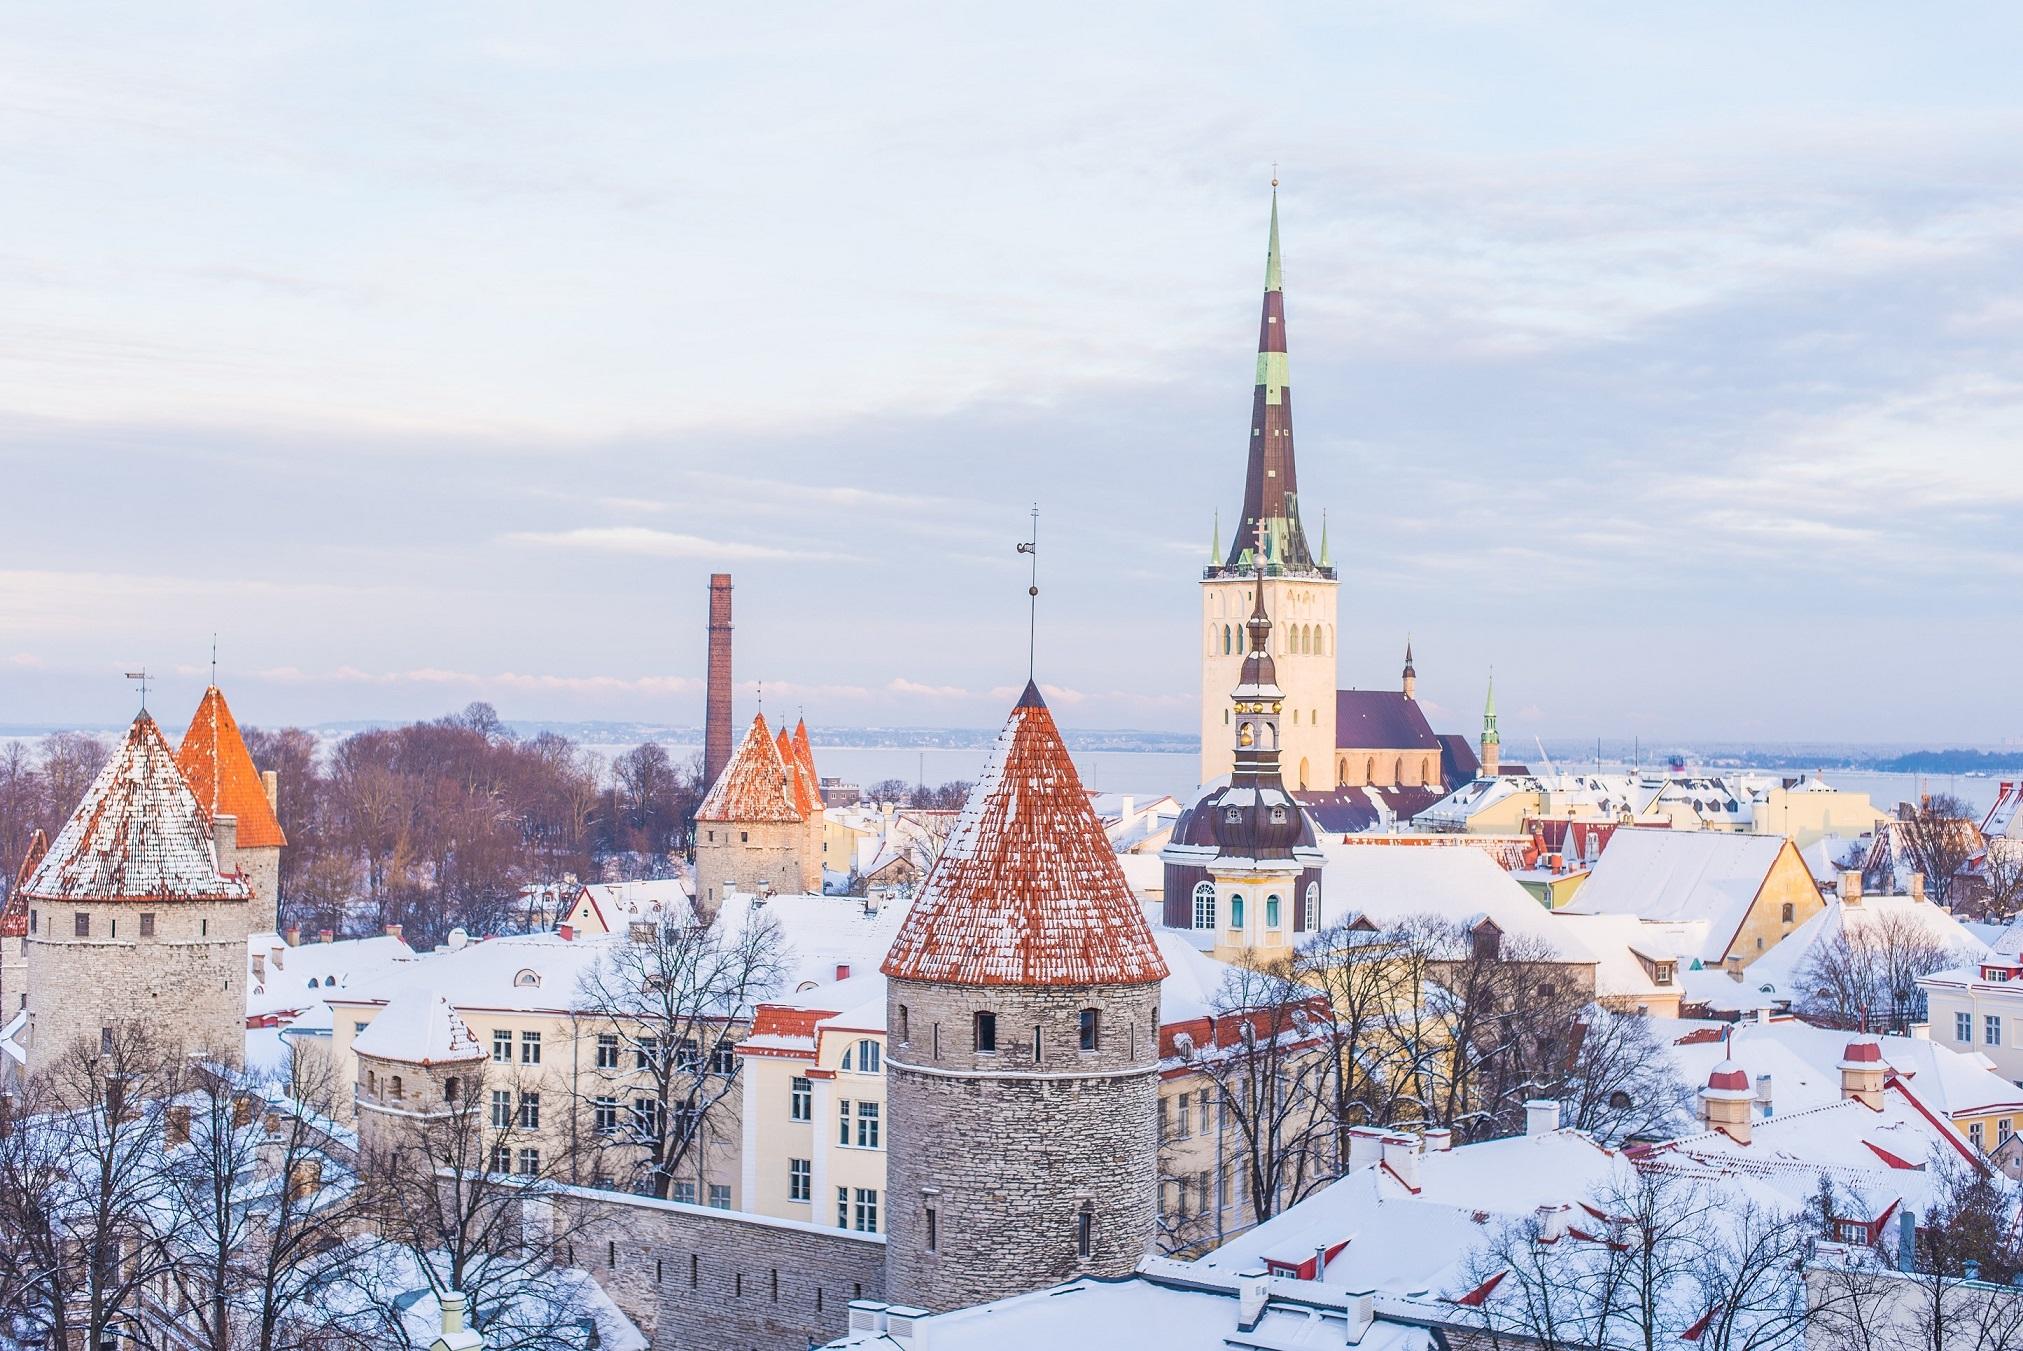 Эстония, первая цифровая нация. 10 причин